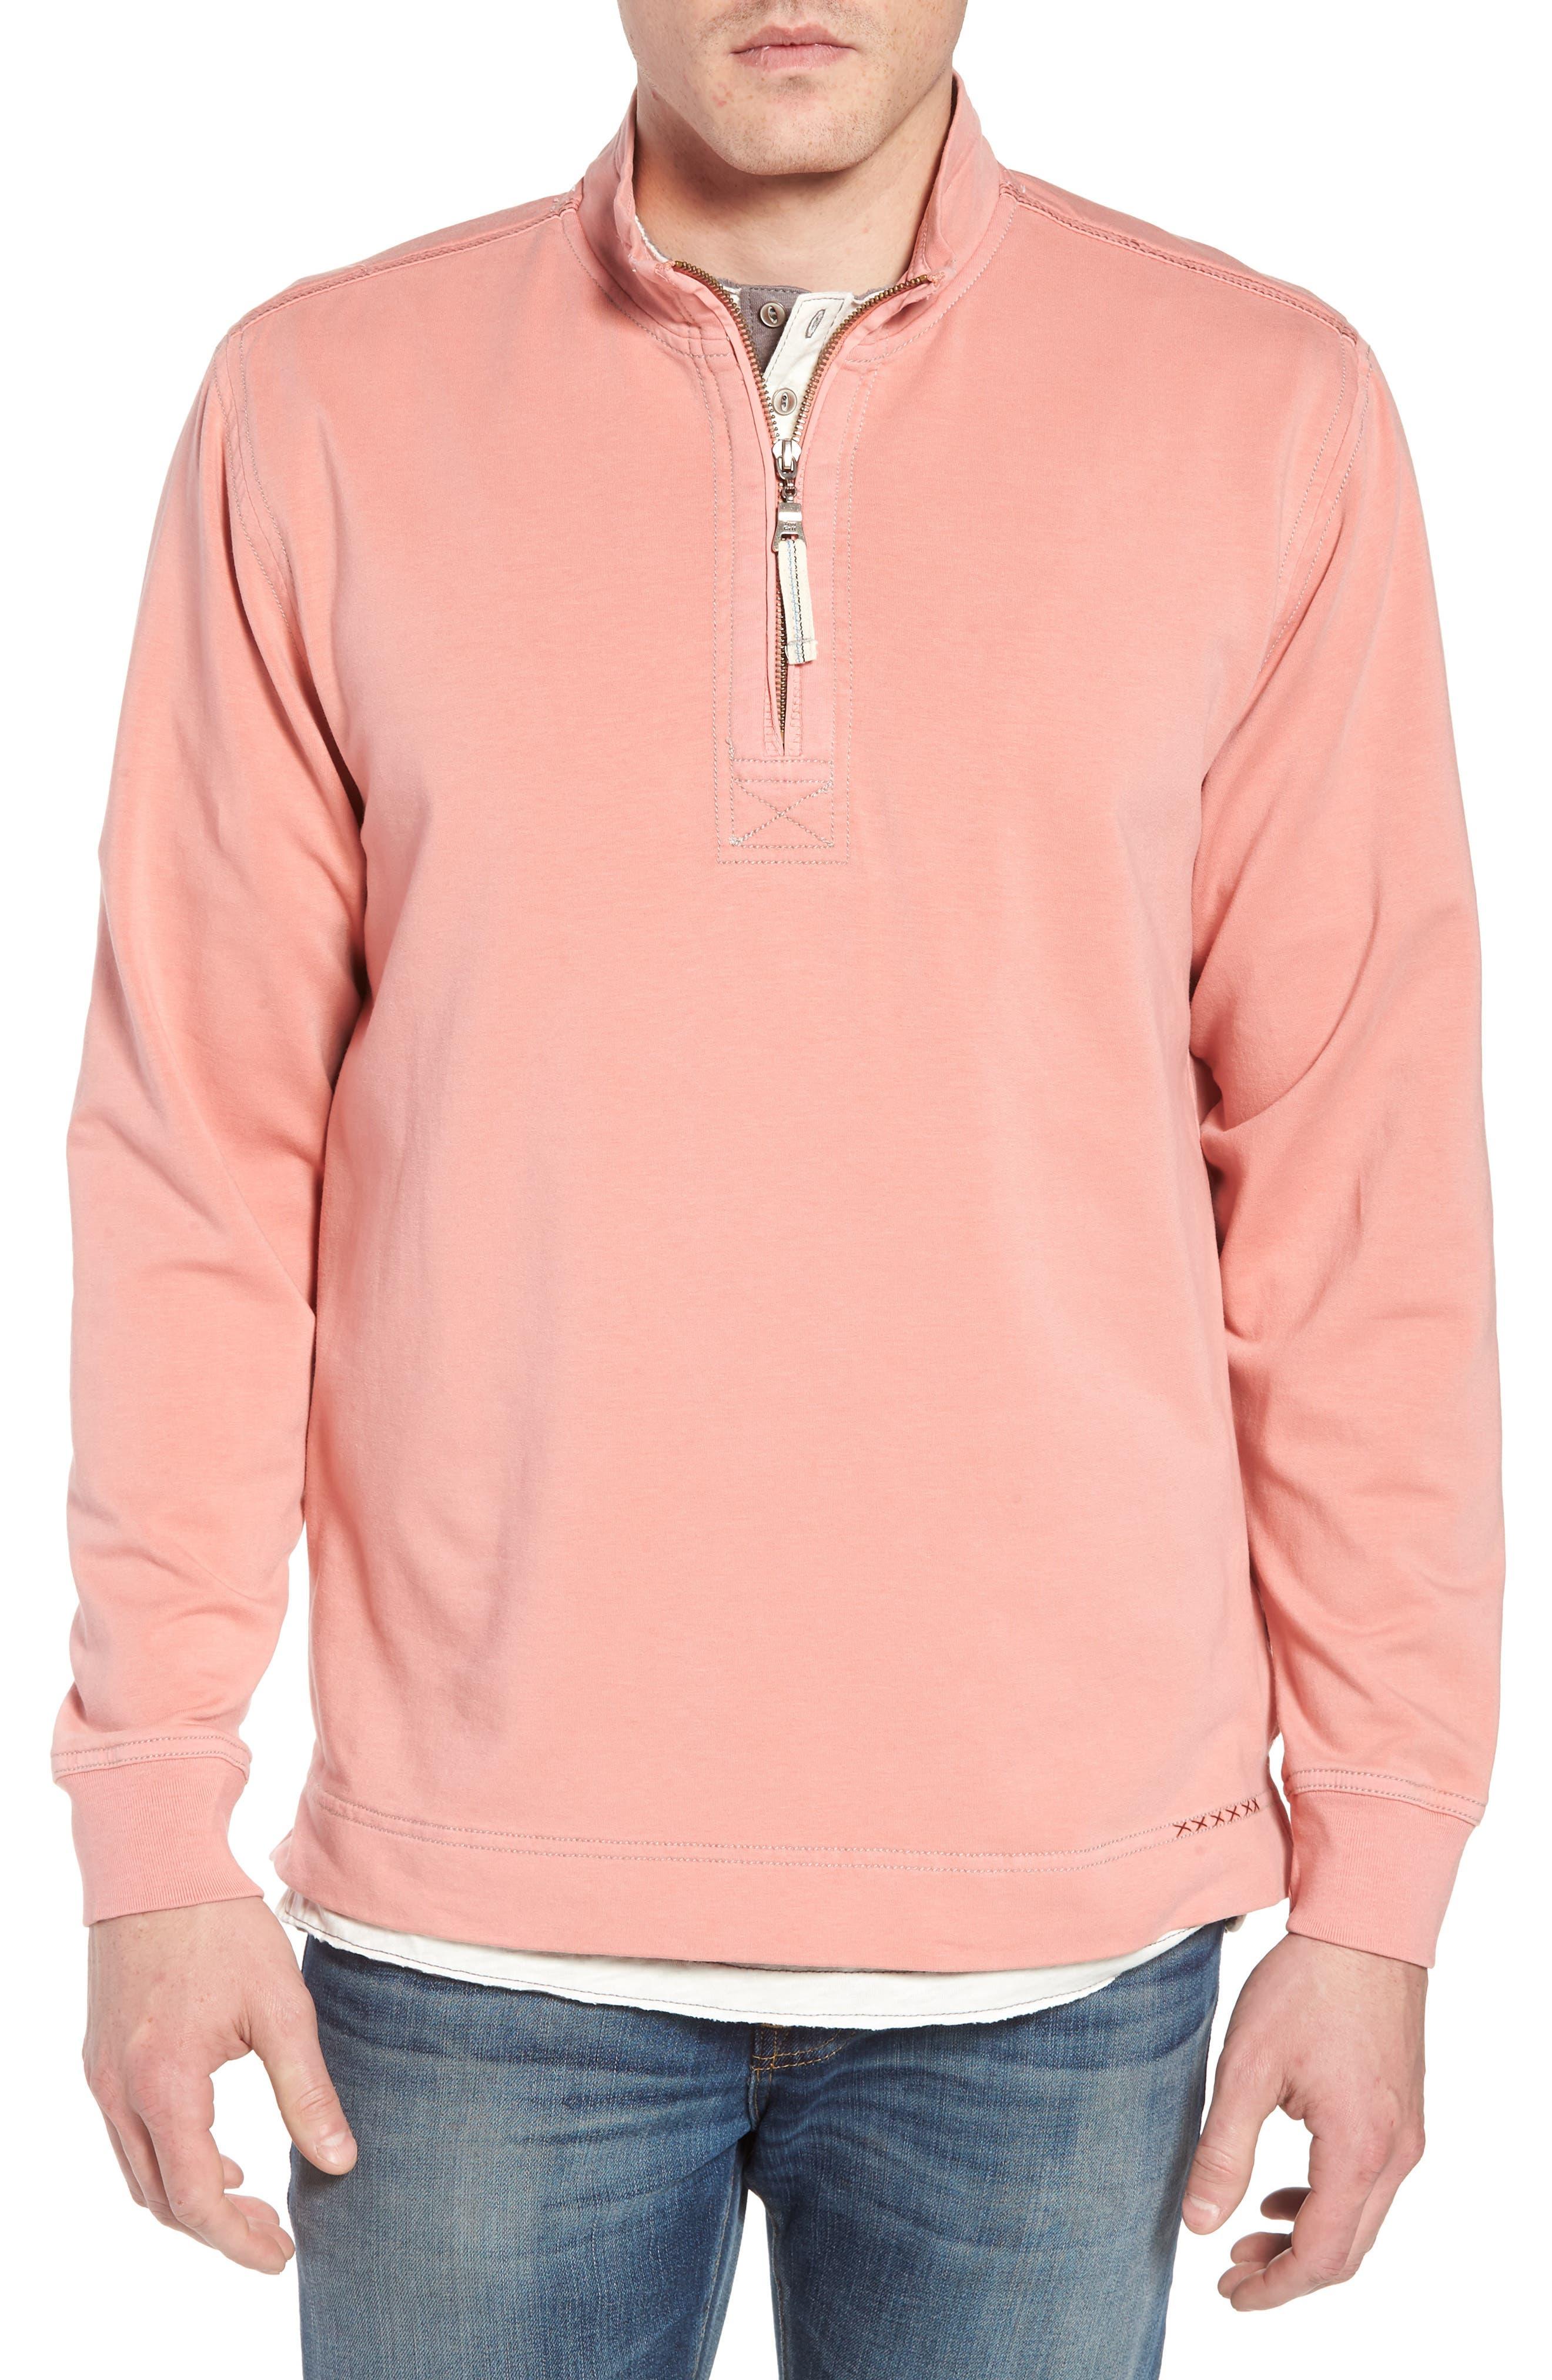 Quarter Zip Fleece Pullover,                             Main thumbnail 1, color,                             Coral